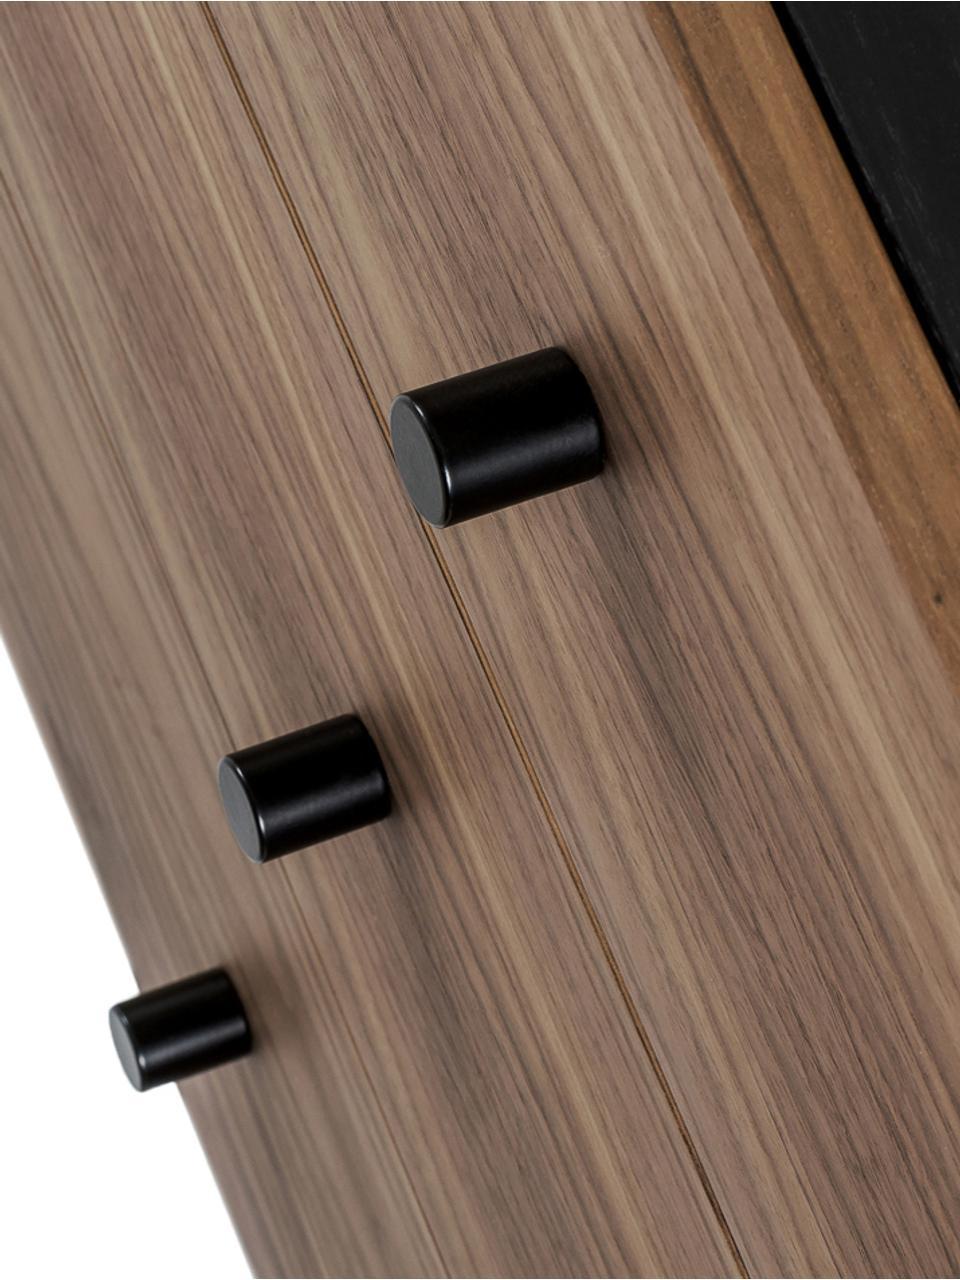 Sideboard Youth mit Türen und Eichenholzfurnier, Korpus: Mitteldichte Holzfaserpla, Füße: Metall, pulverbeschichtet, Griffe: Metall, Walnussholz, 180 x 70 cm